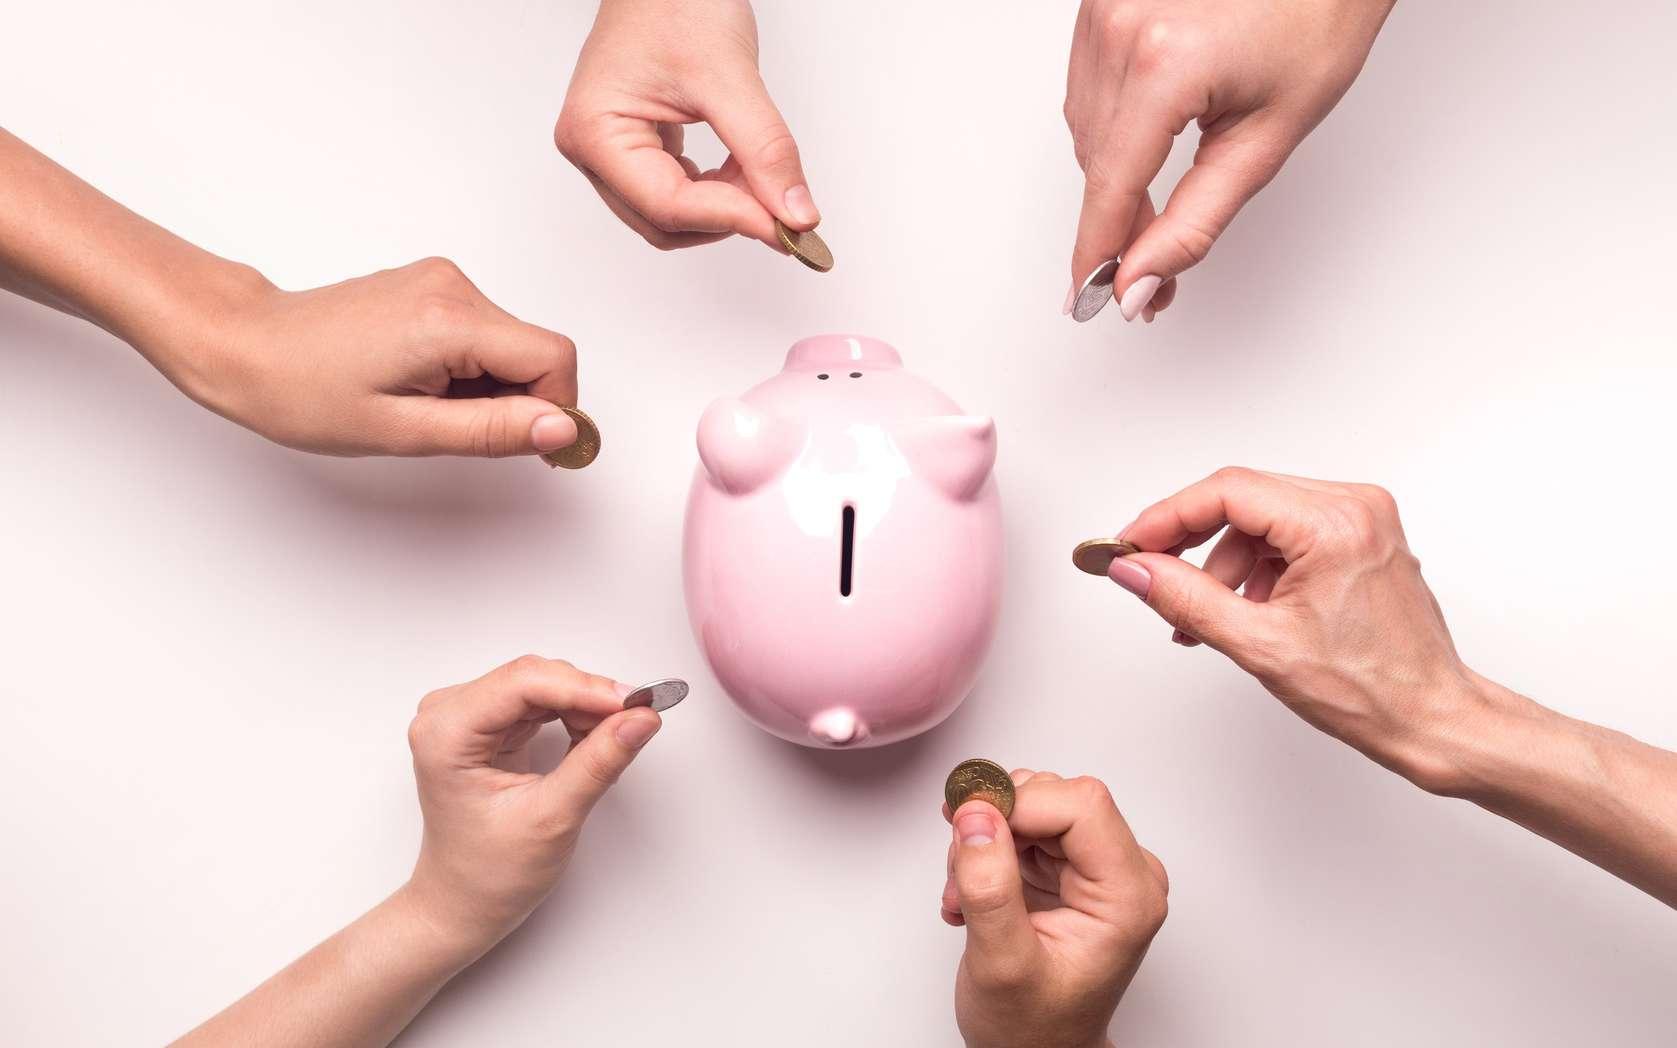 La finance solidaire est un placement ouvert à tous. © Prostock-studio, Fotolia